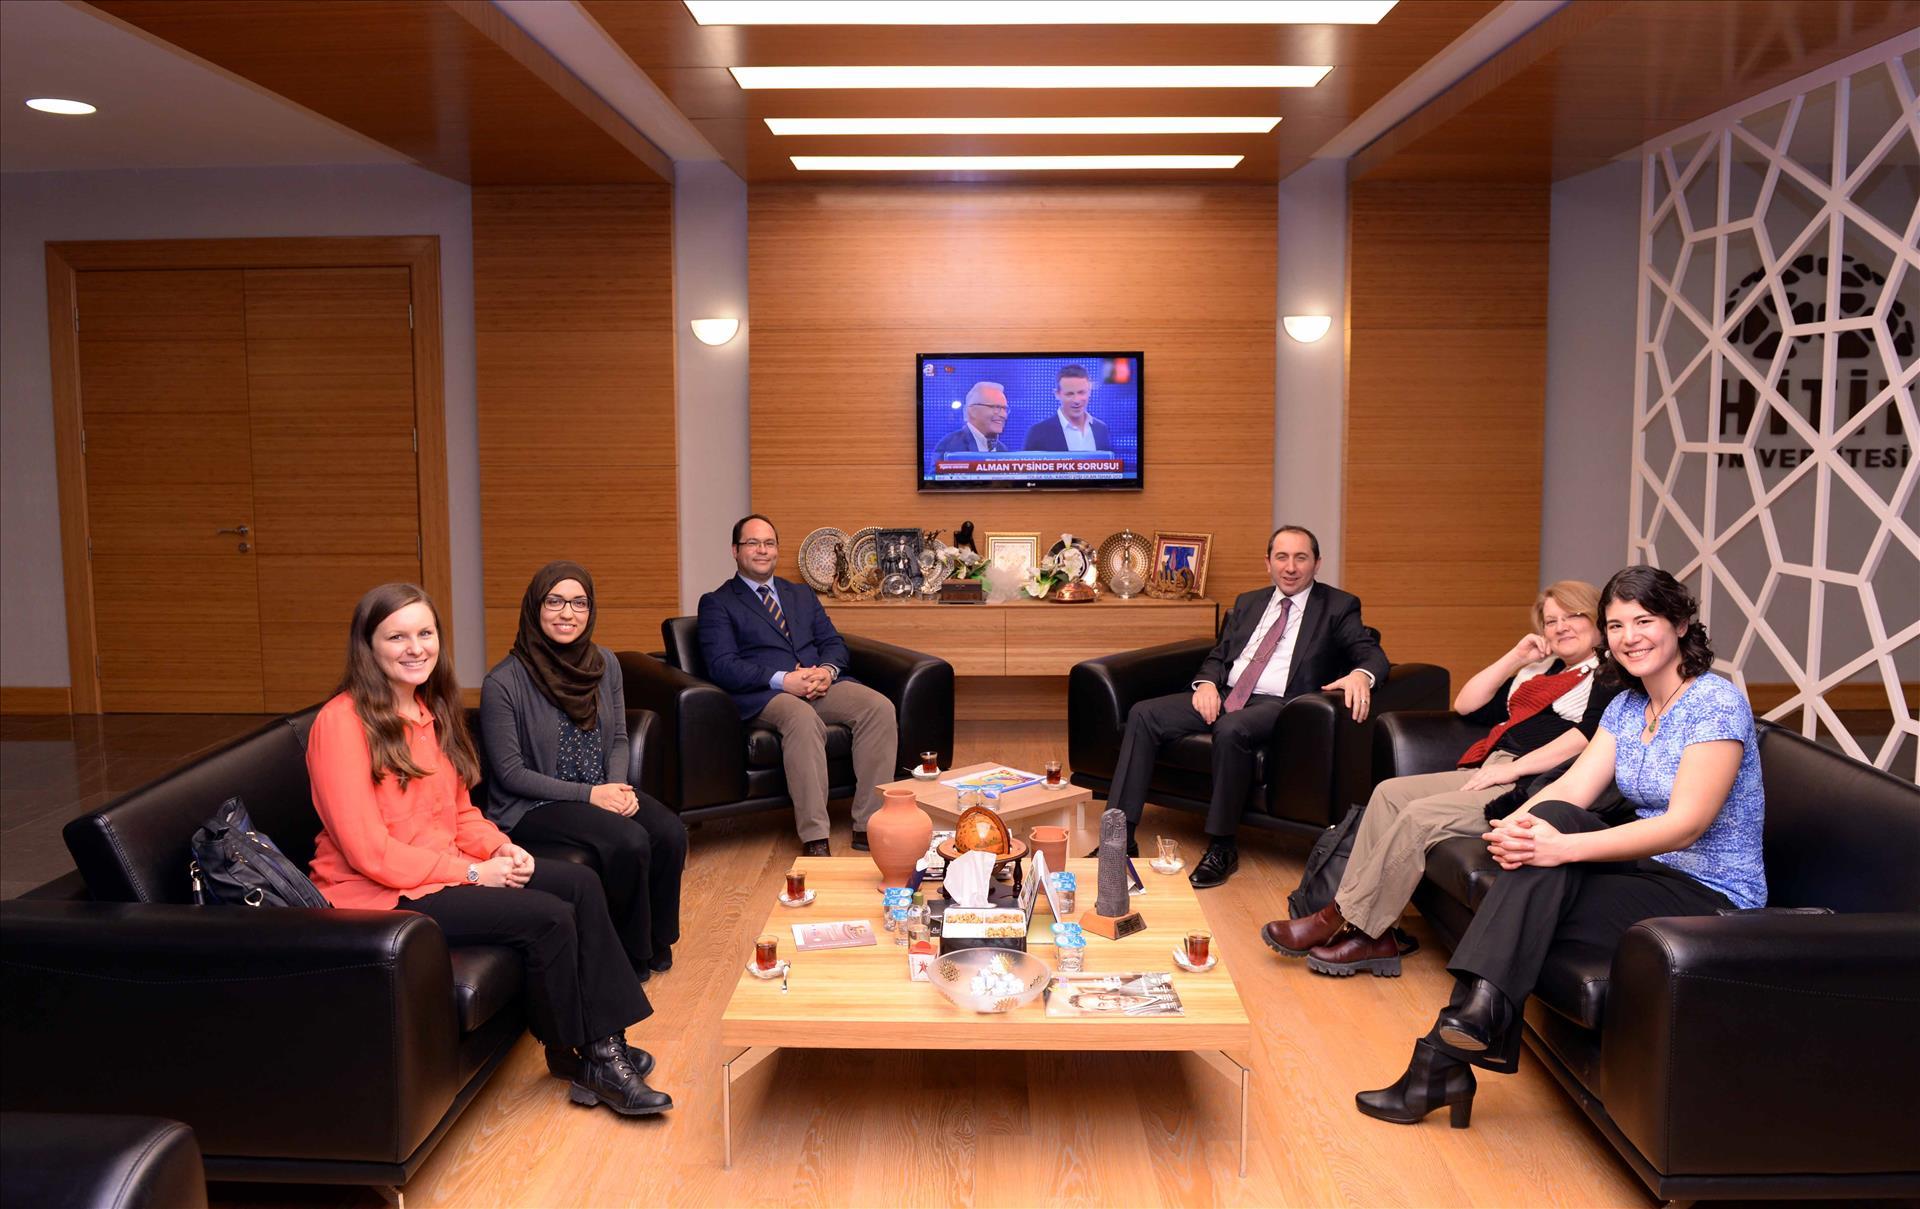 HİTİTSEM'de 3 Yabancı Uyruklu Öğretim Elemanı Daha Göreve Başladı